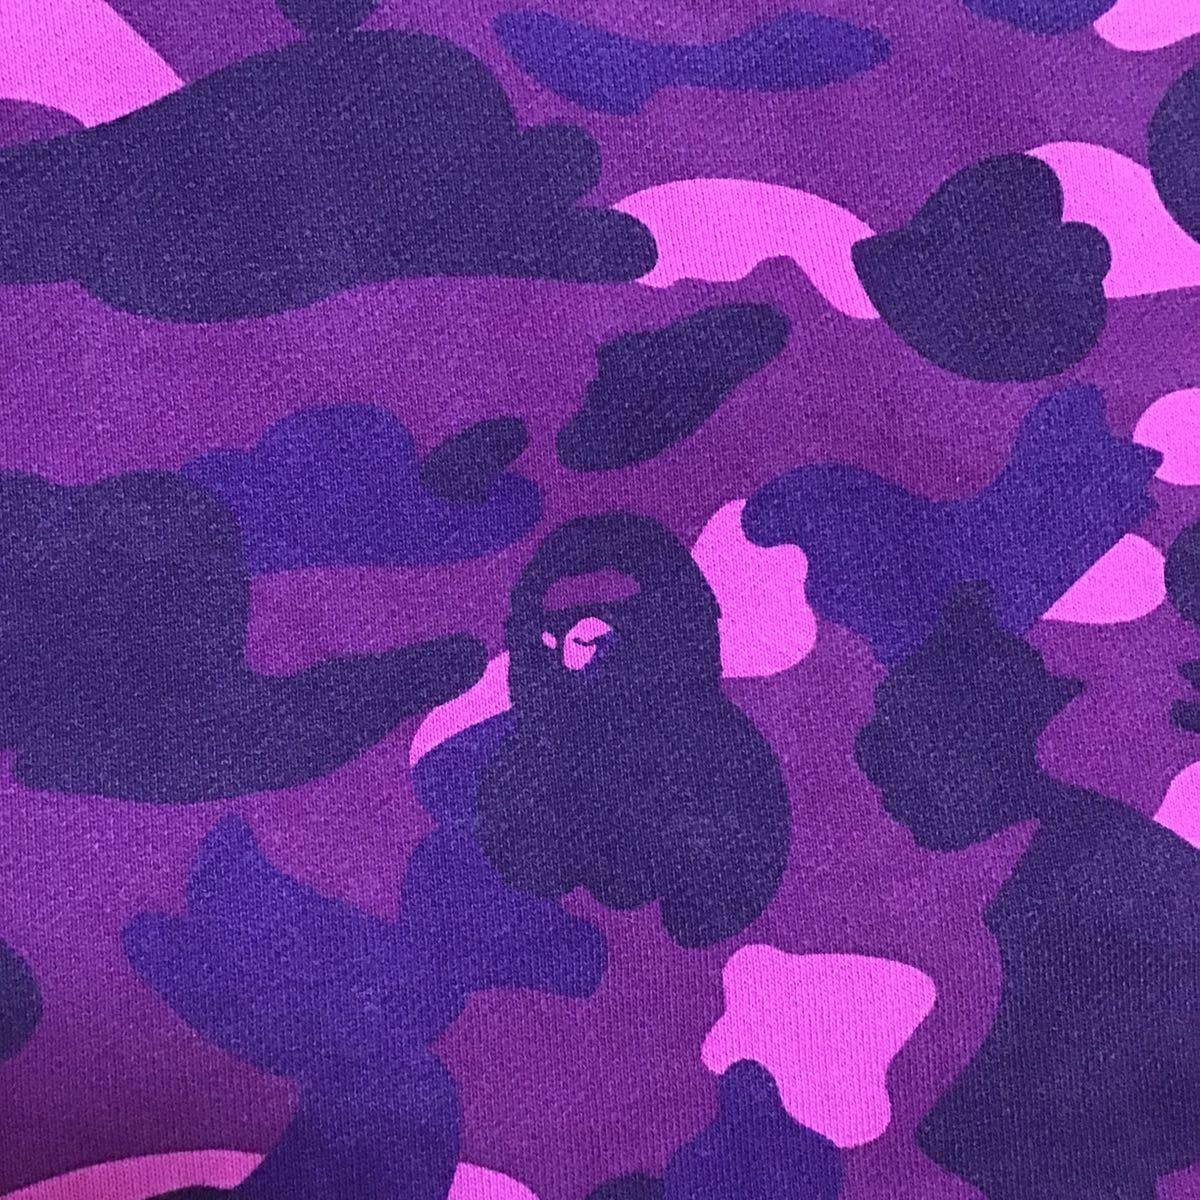 スワロフスキー BAPE logo 長袖 スウェット Sサイズ a bathing ape swarovski sweat ラインストーン エイプ ベイプ purple camo 迷彩 h523